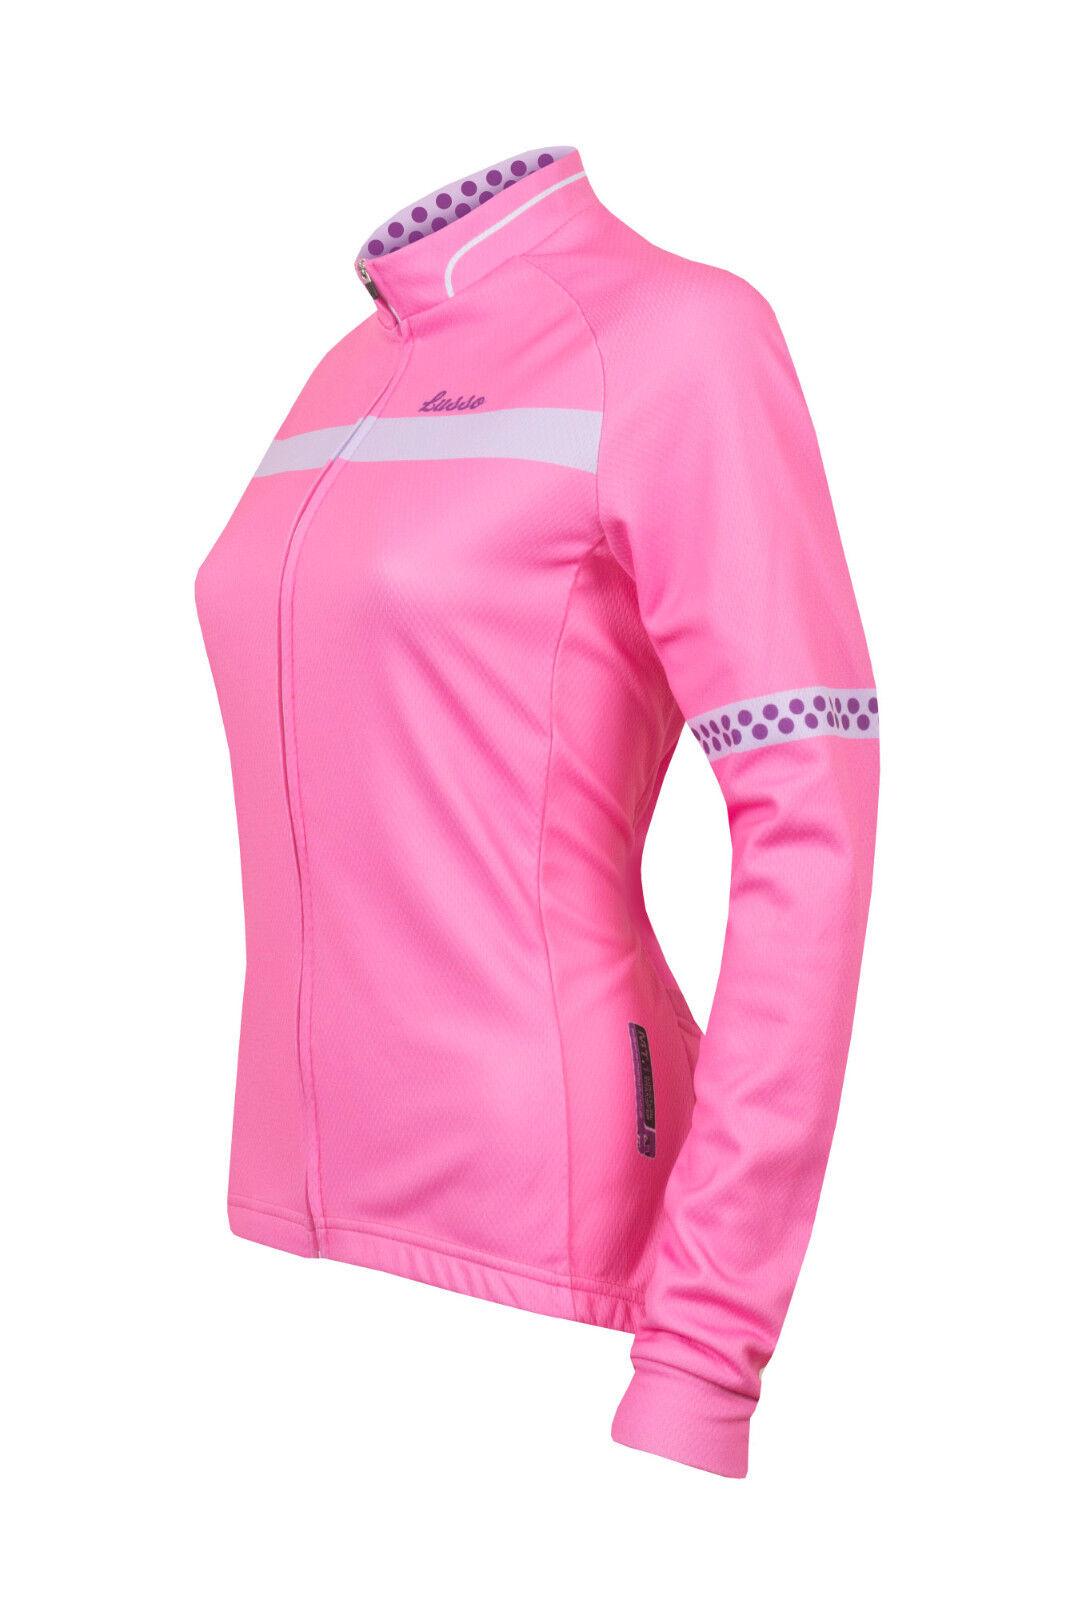 Lusso Layla Women's Long Sleeve Cycling Jersey Pink S-M RRP .99 B.N.W.T